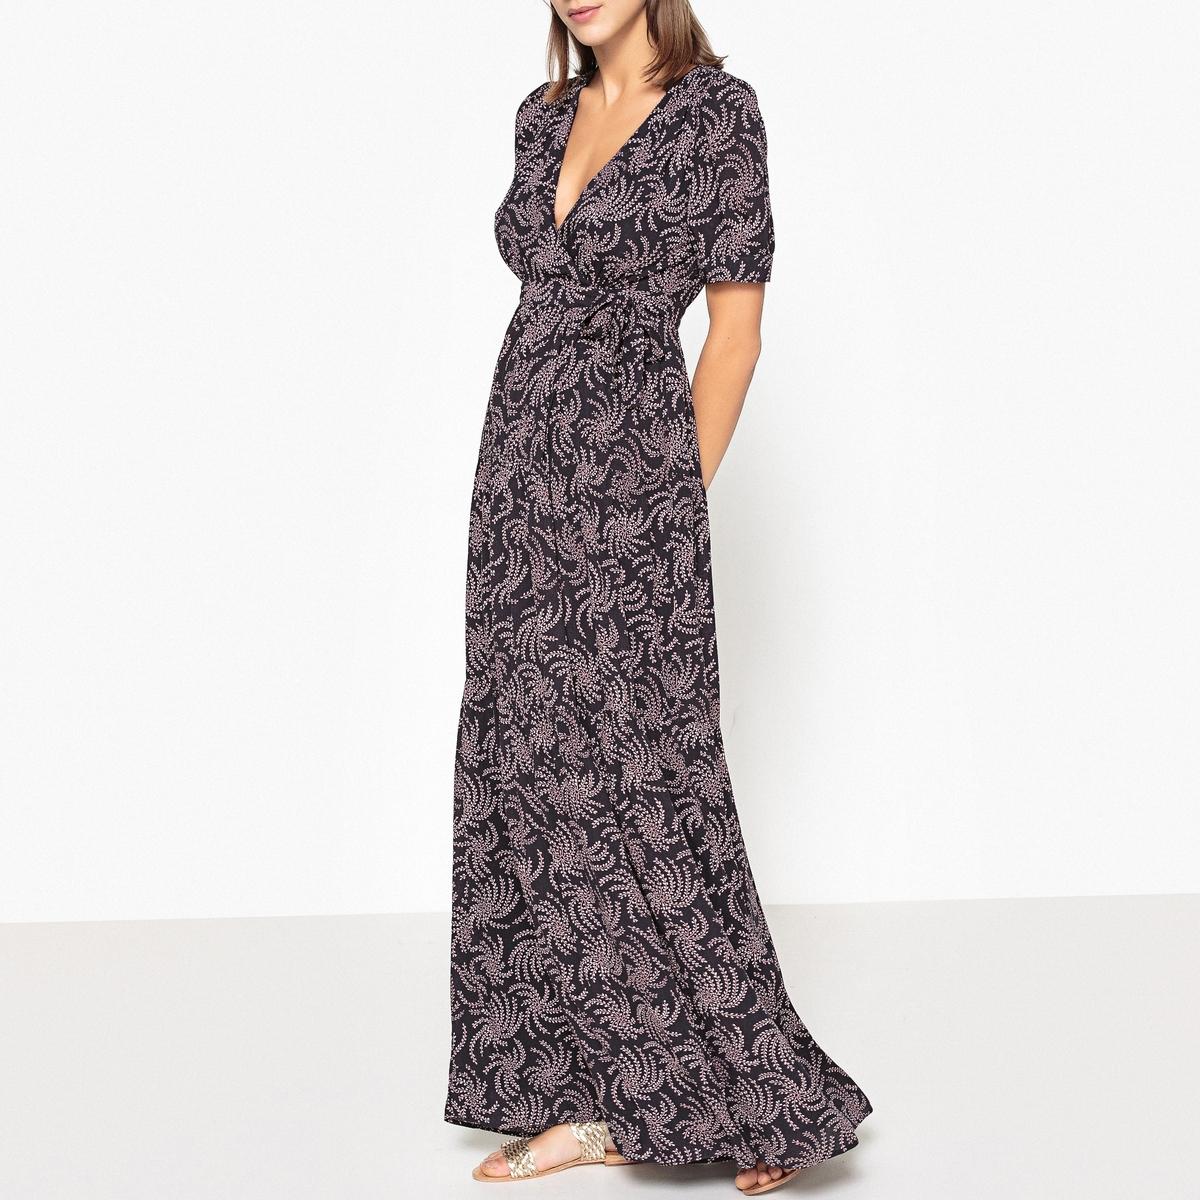 Платье длинное с запахом с рисунком COMING платье с рисунком vestido conkerberry